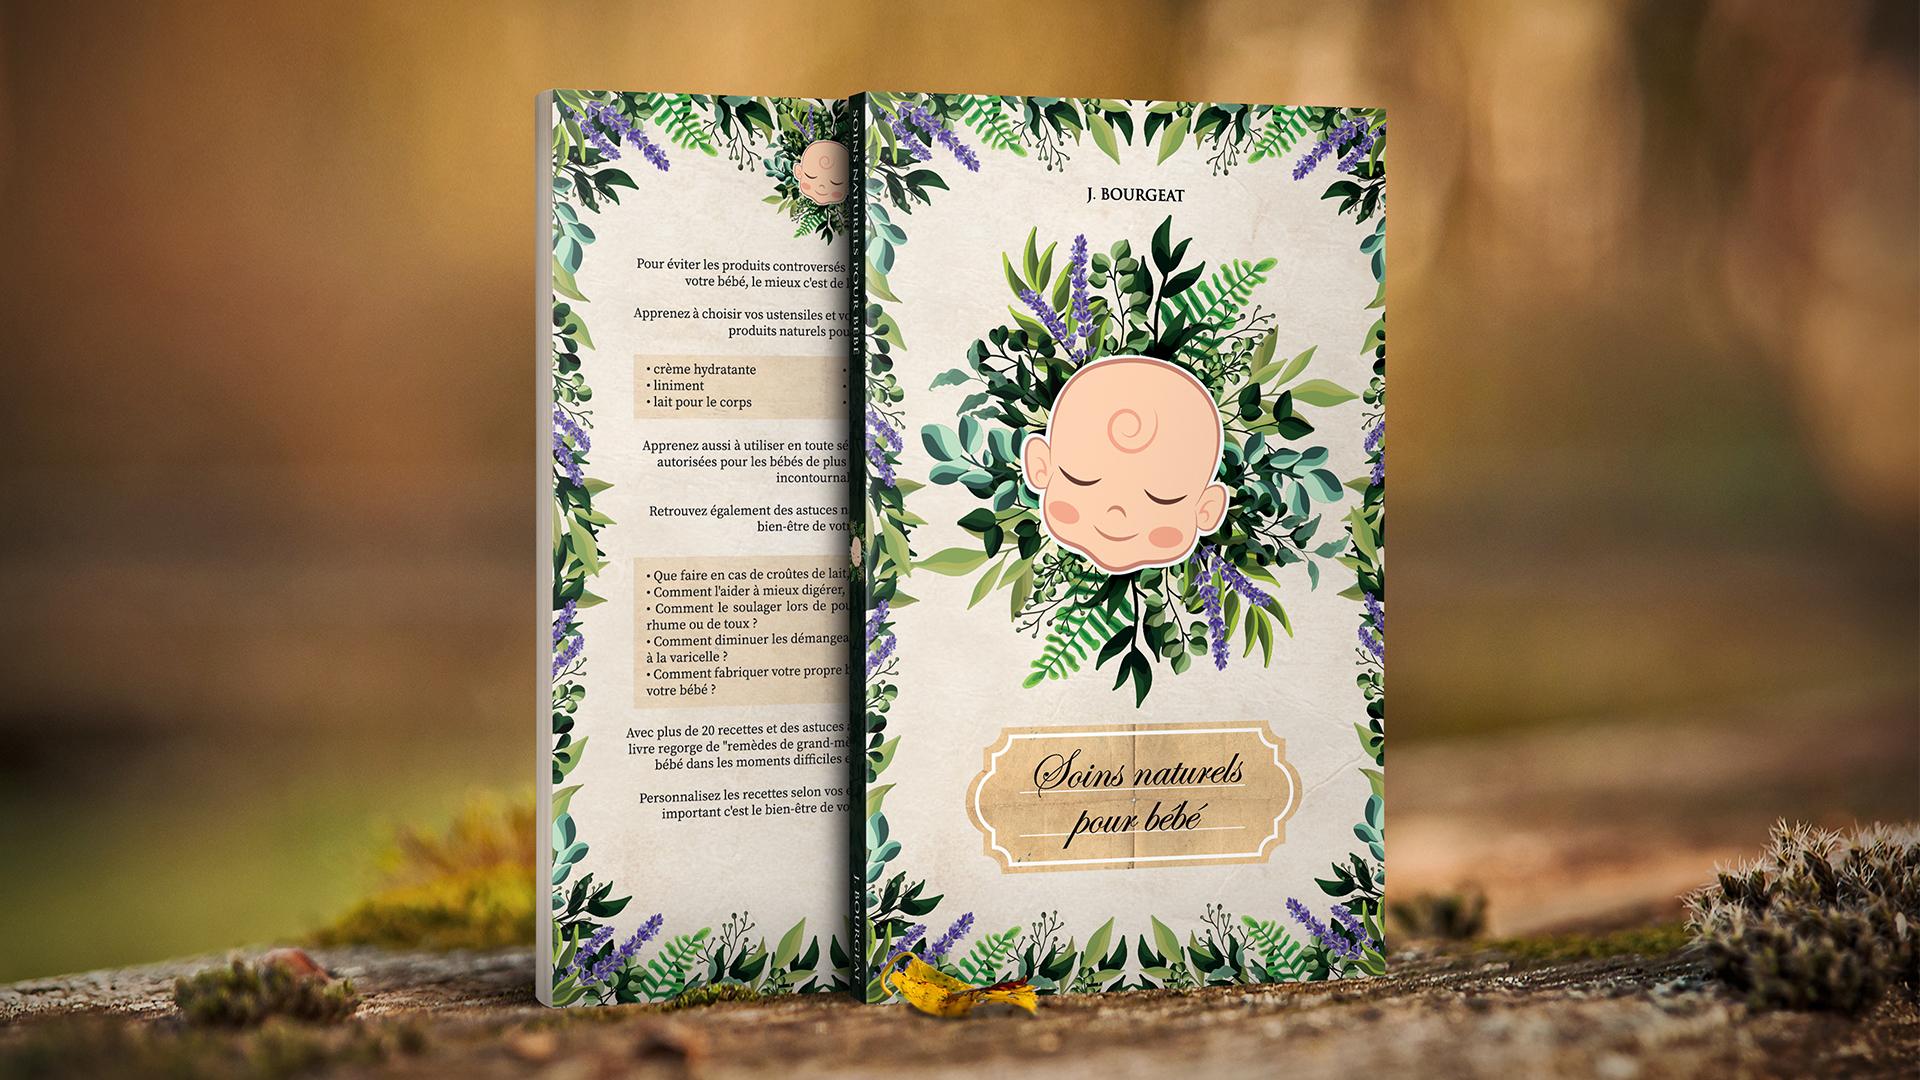 Couverture design pour livre de recettes, astuces, soins naturels pour bébé